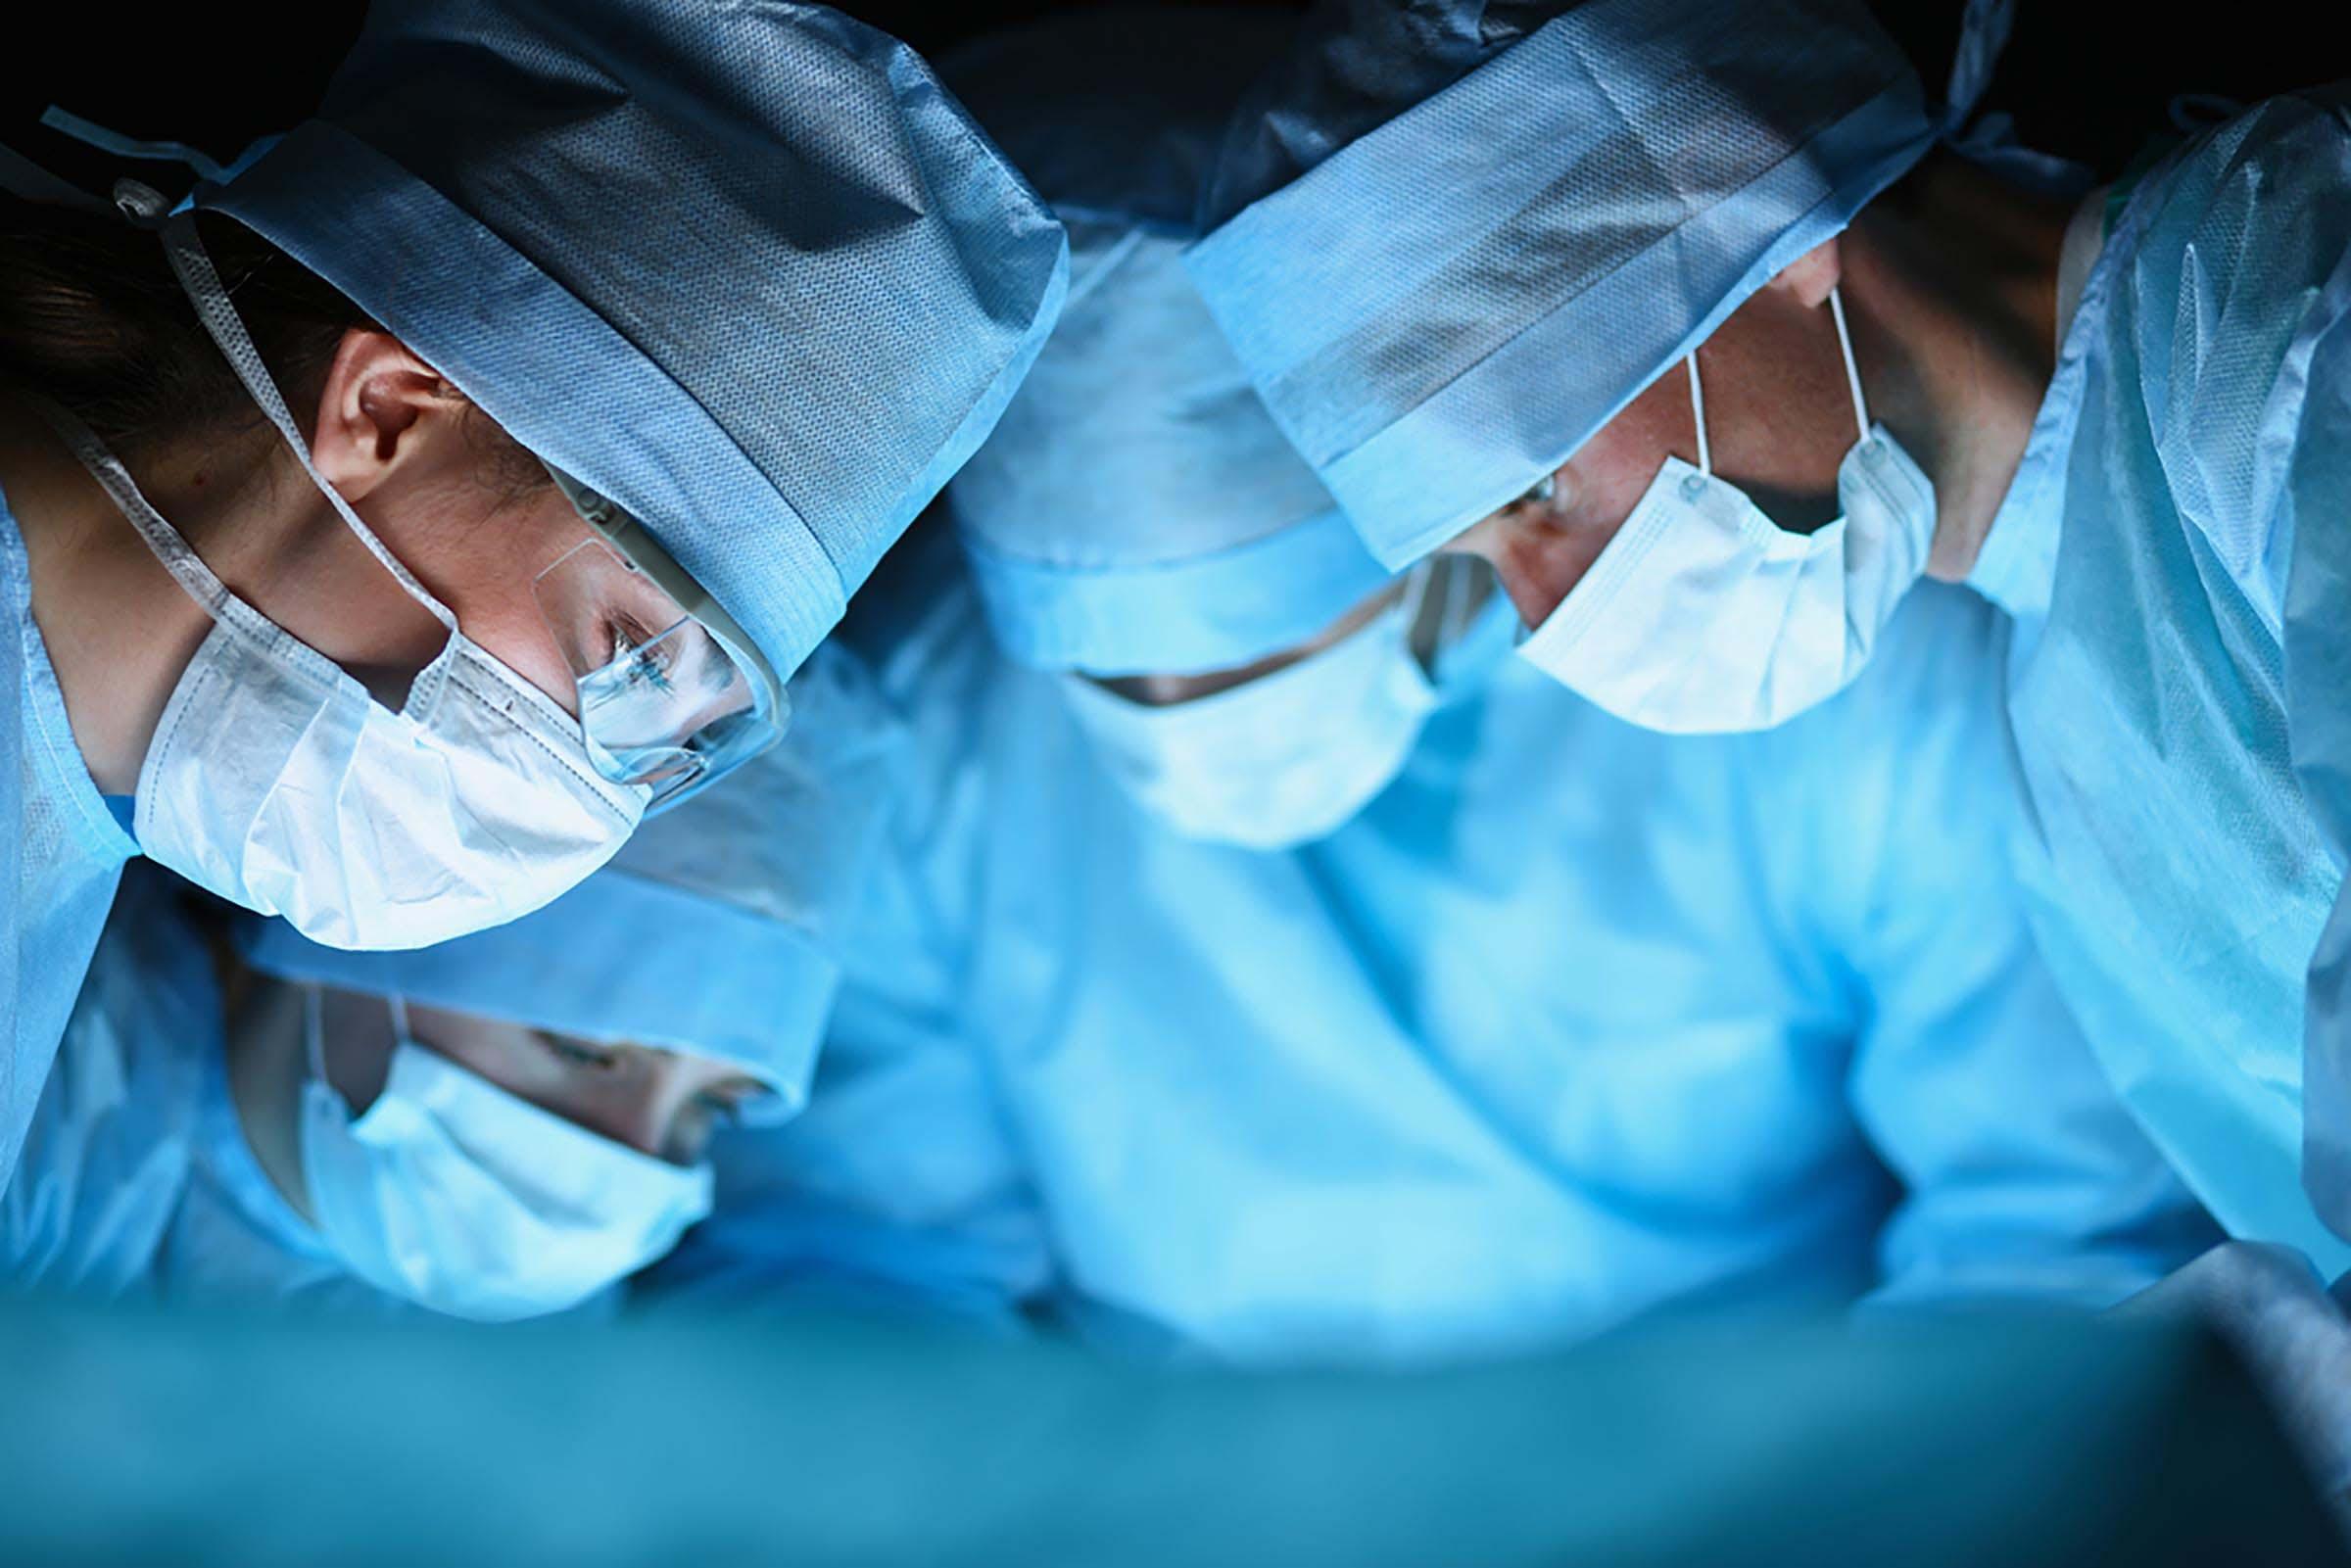 operacija srčanih valvula